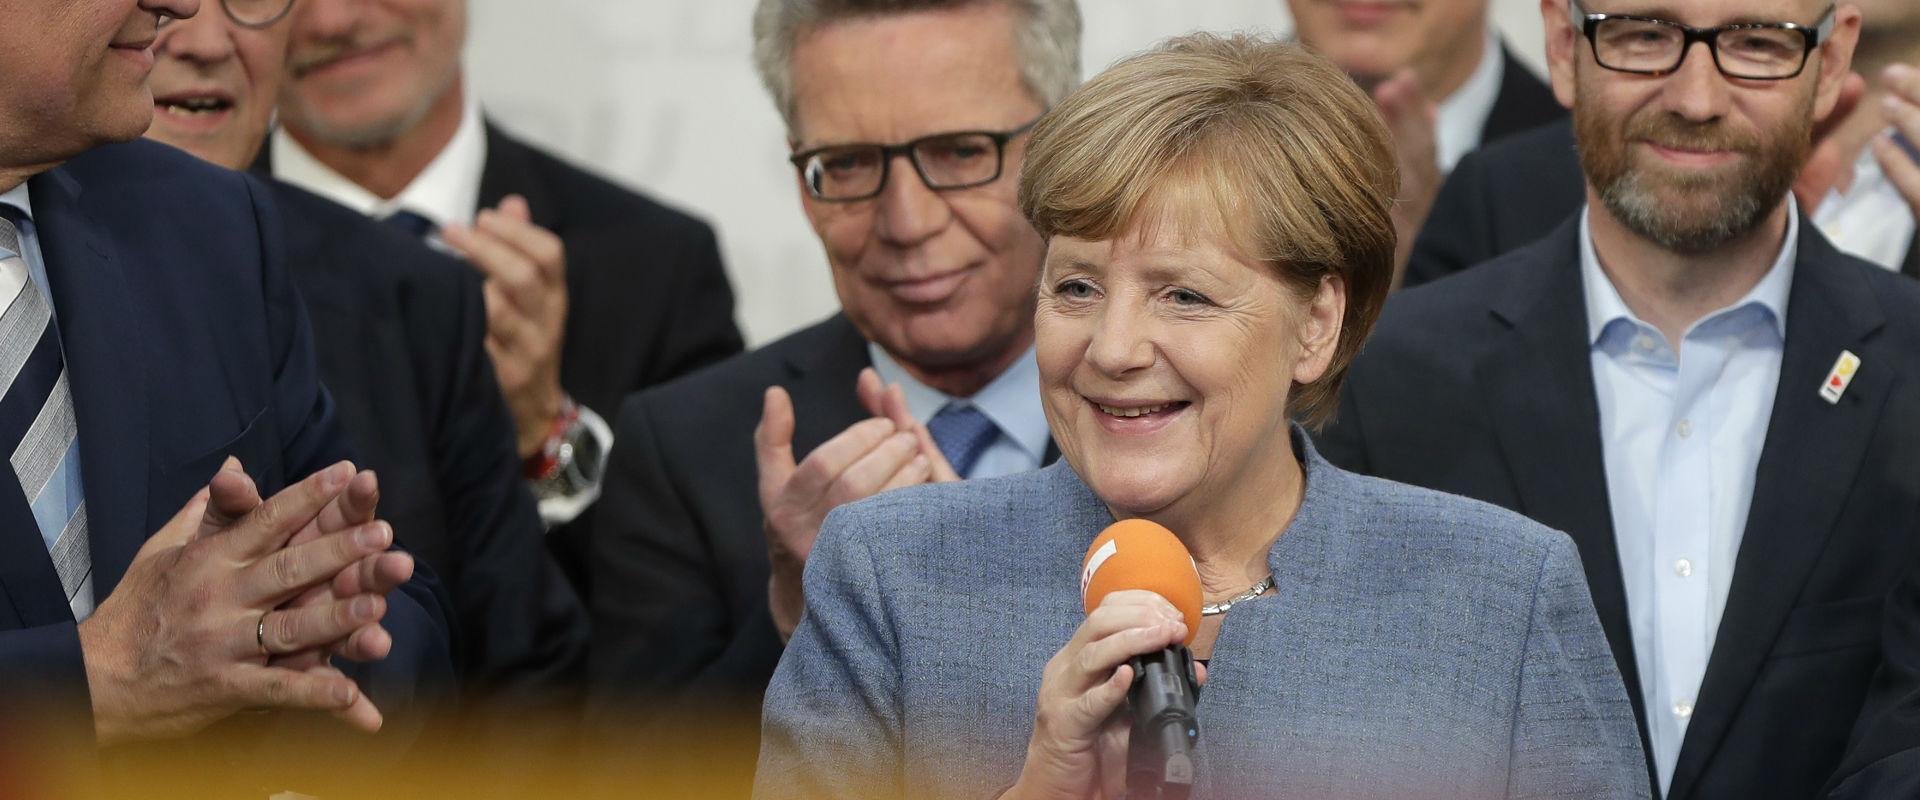 אנגלה מרקל לאחר הזכייה בבחירות בגרמניה